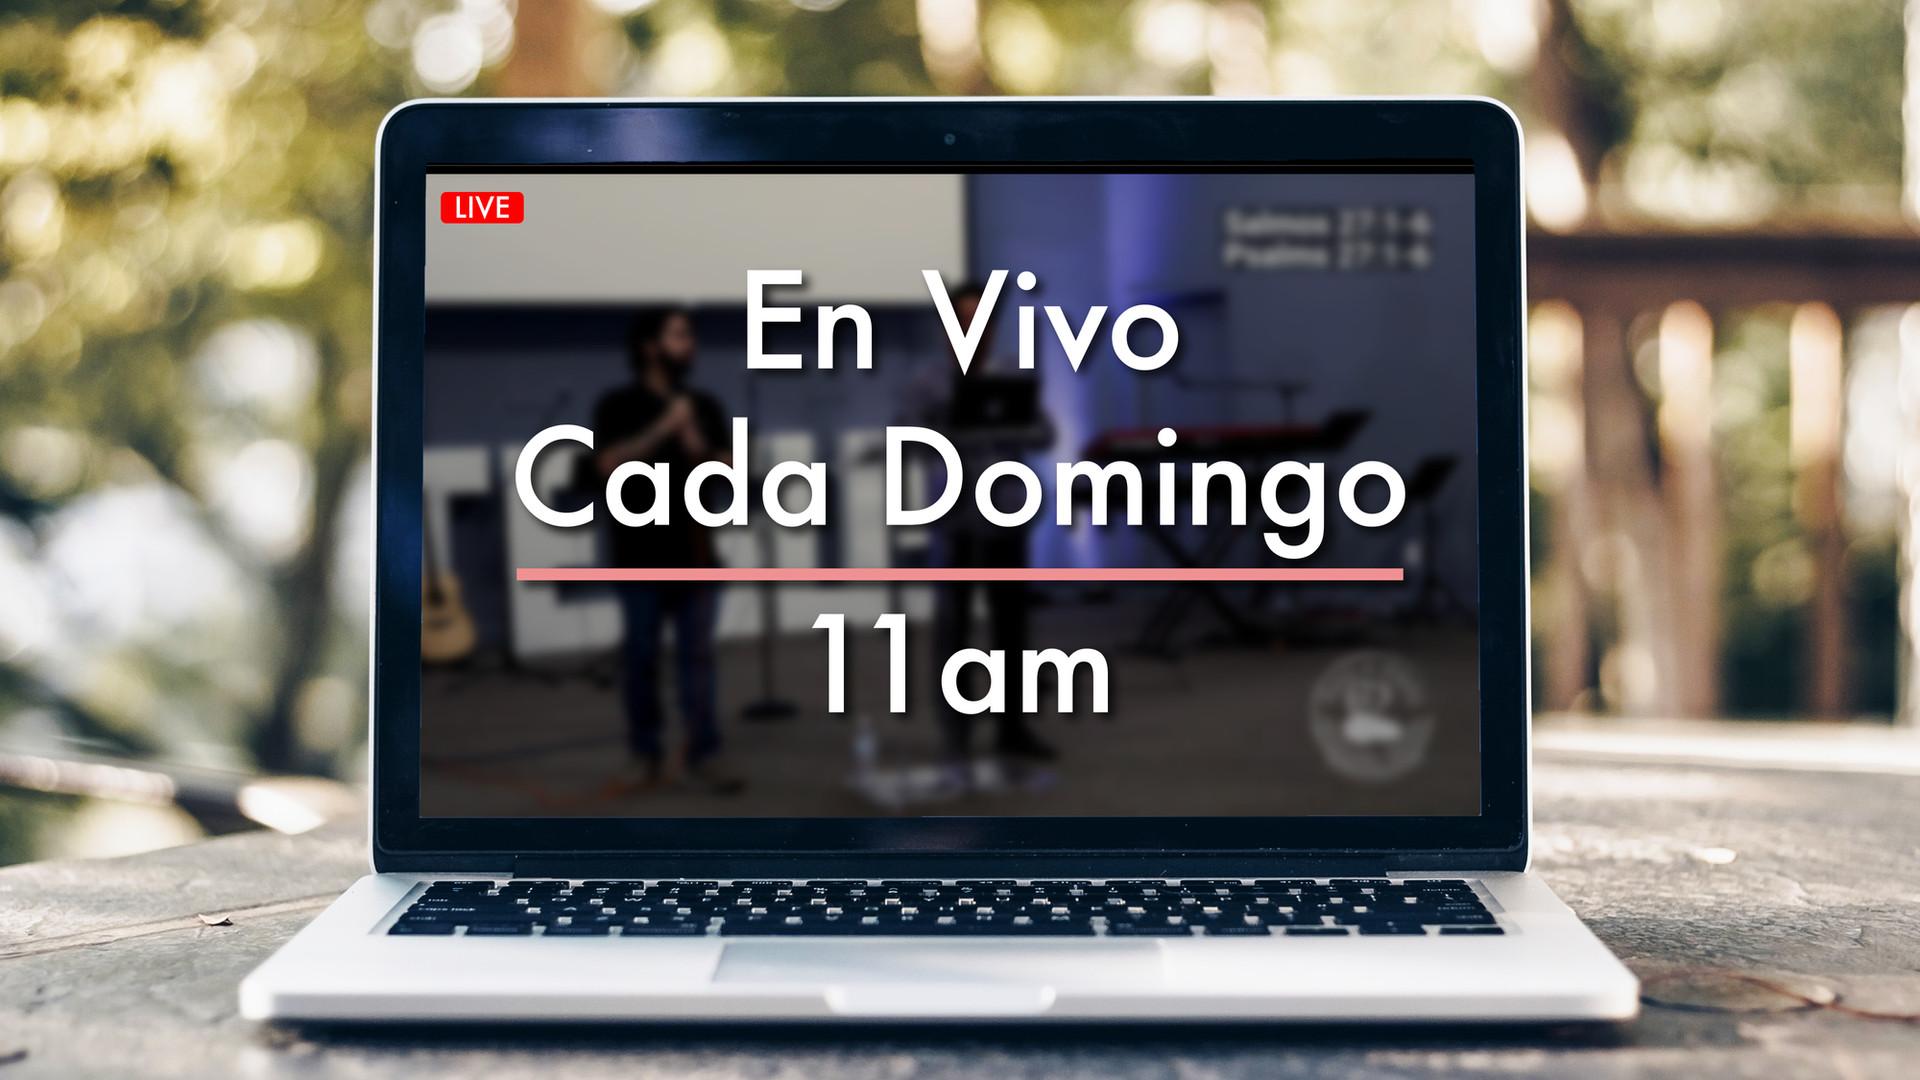 EnVivoCadaDomingo-01.jpg